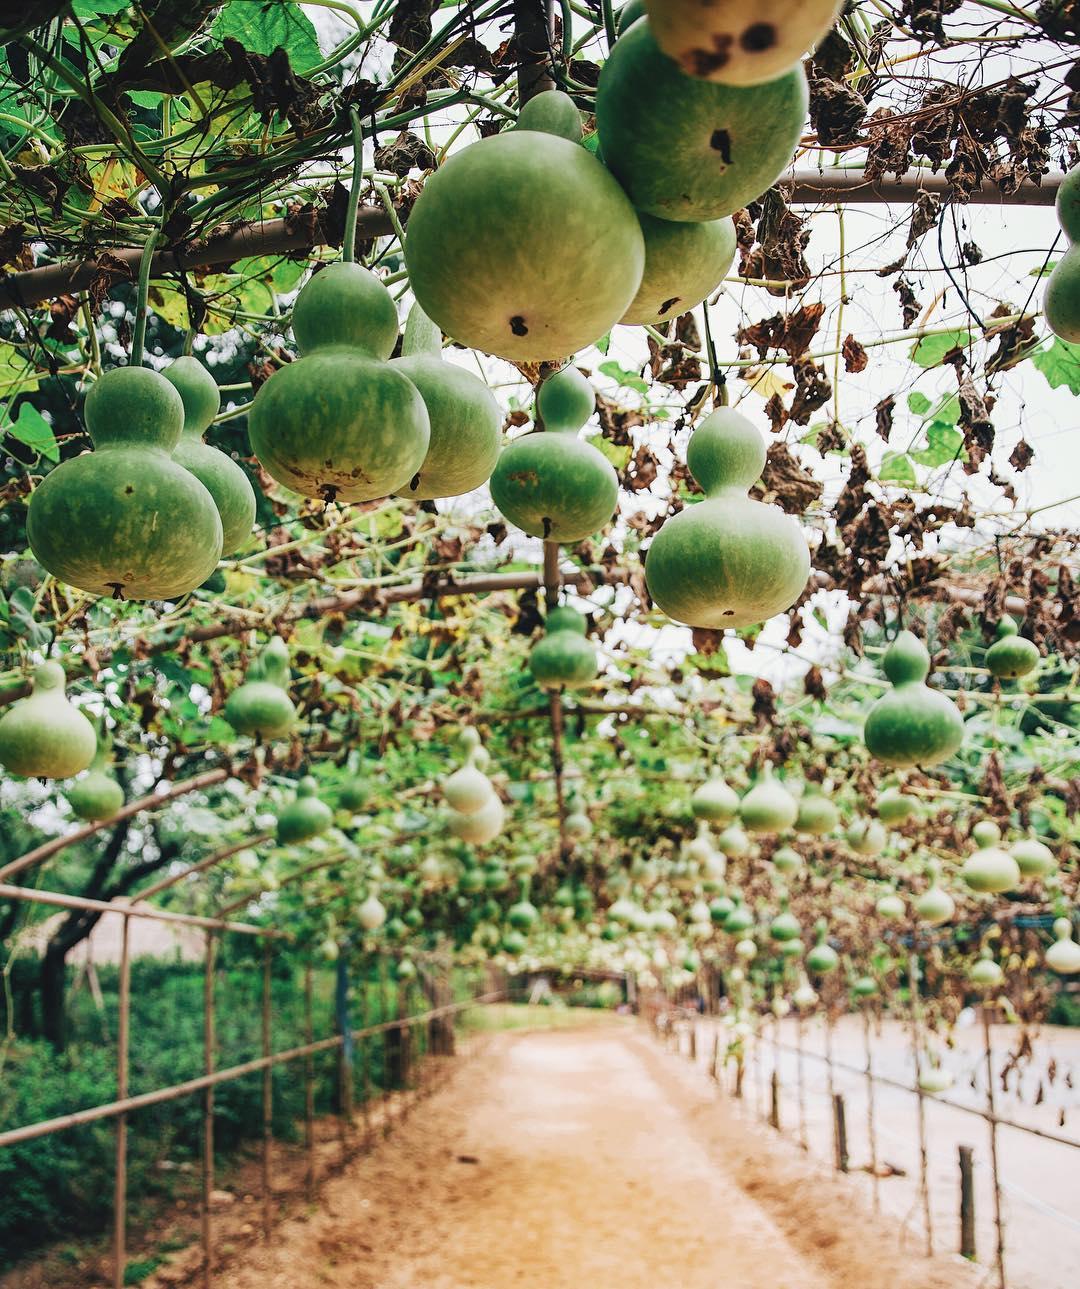 Природа и путешествия на снимках Ахмета Эрдема